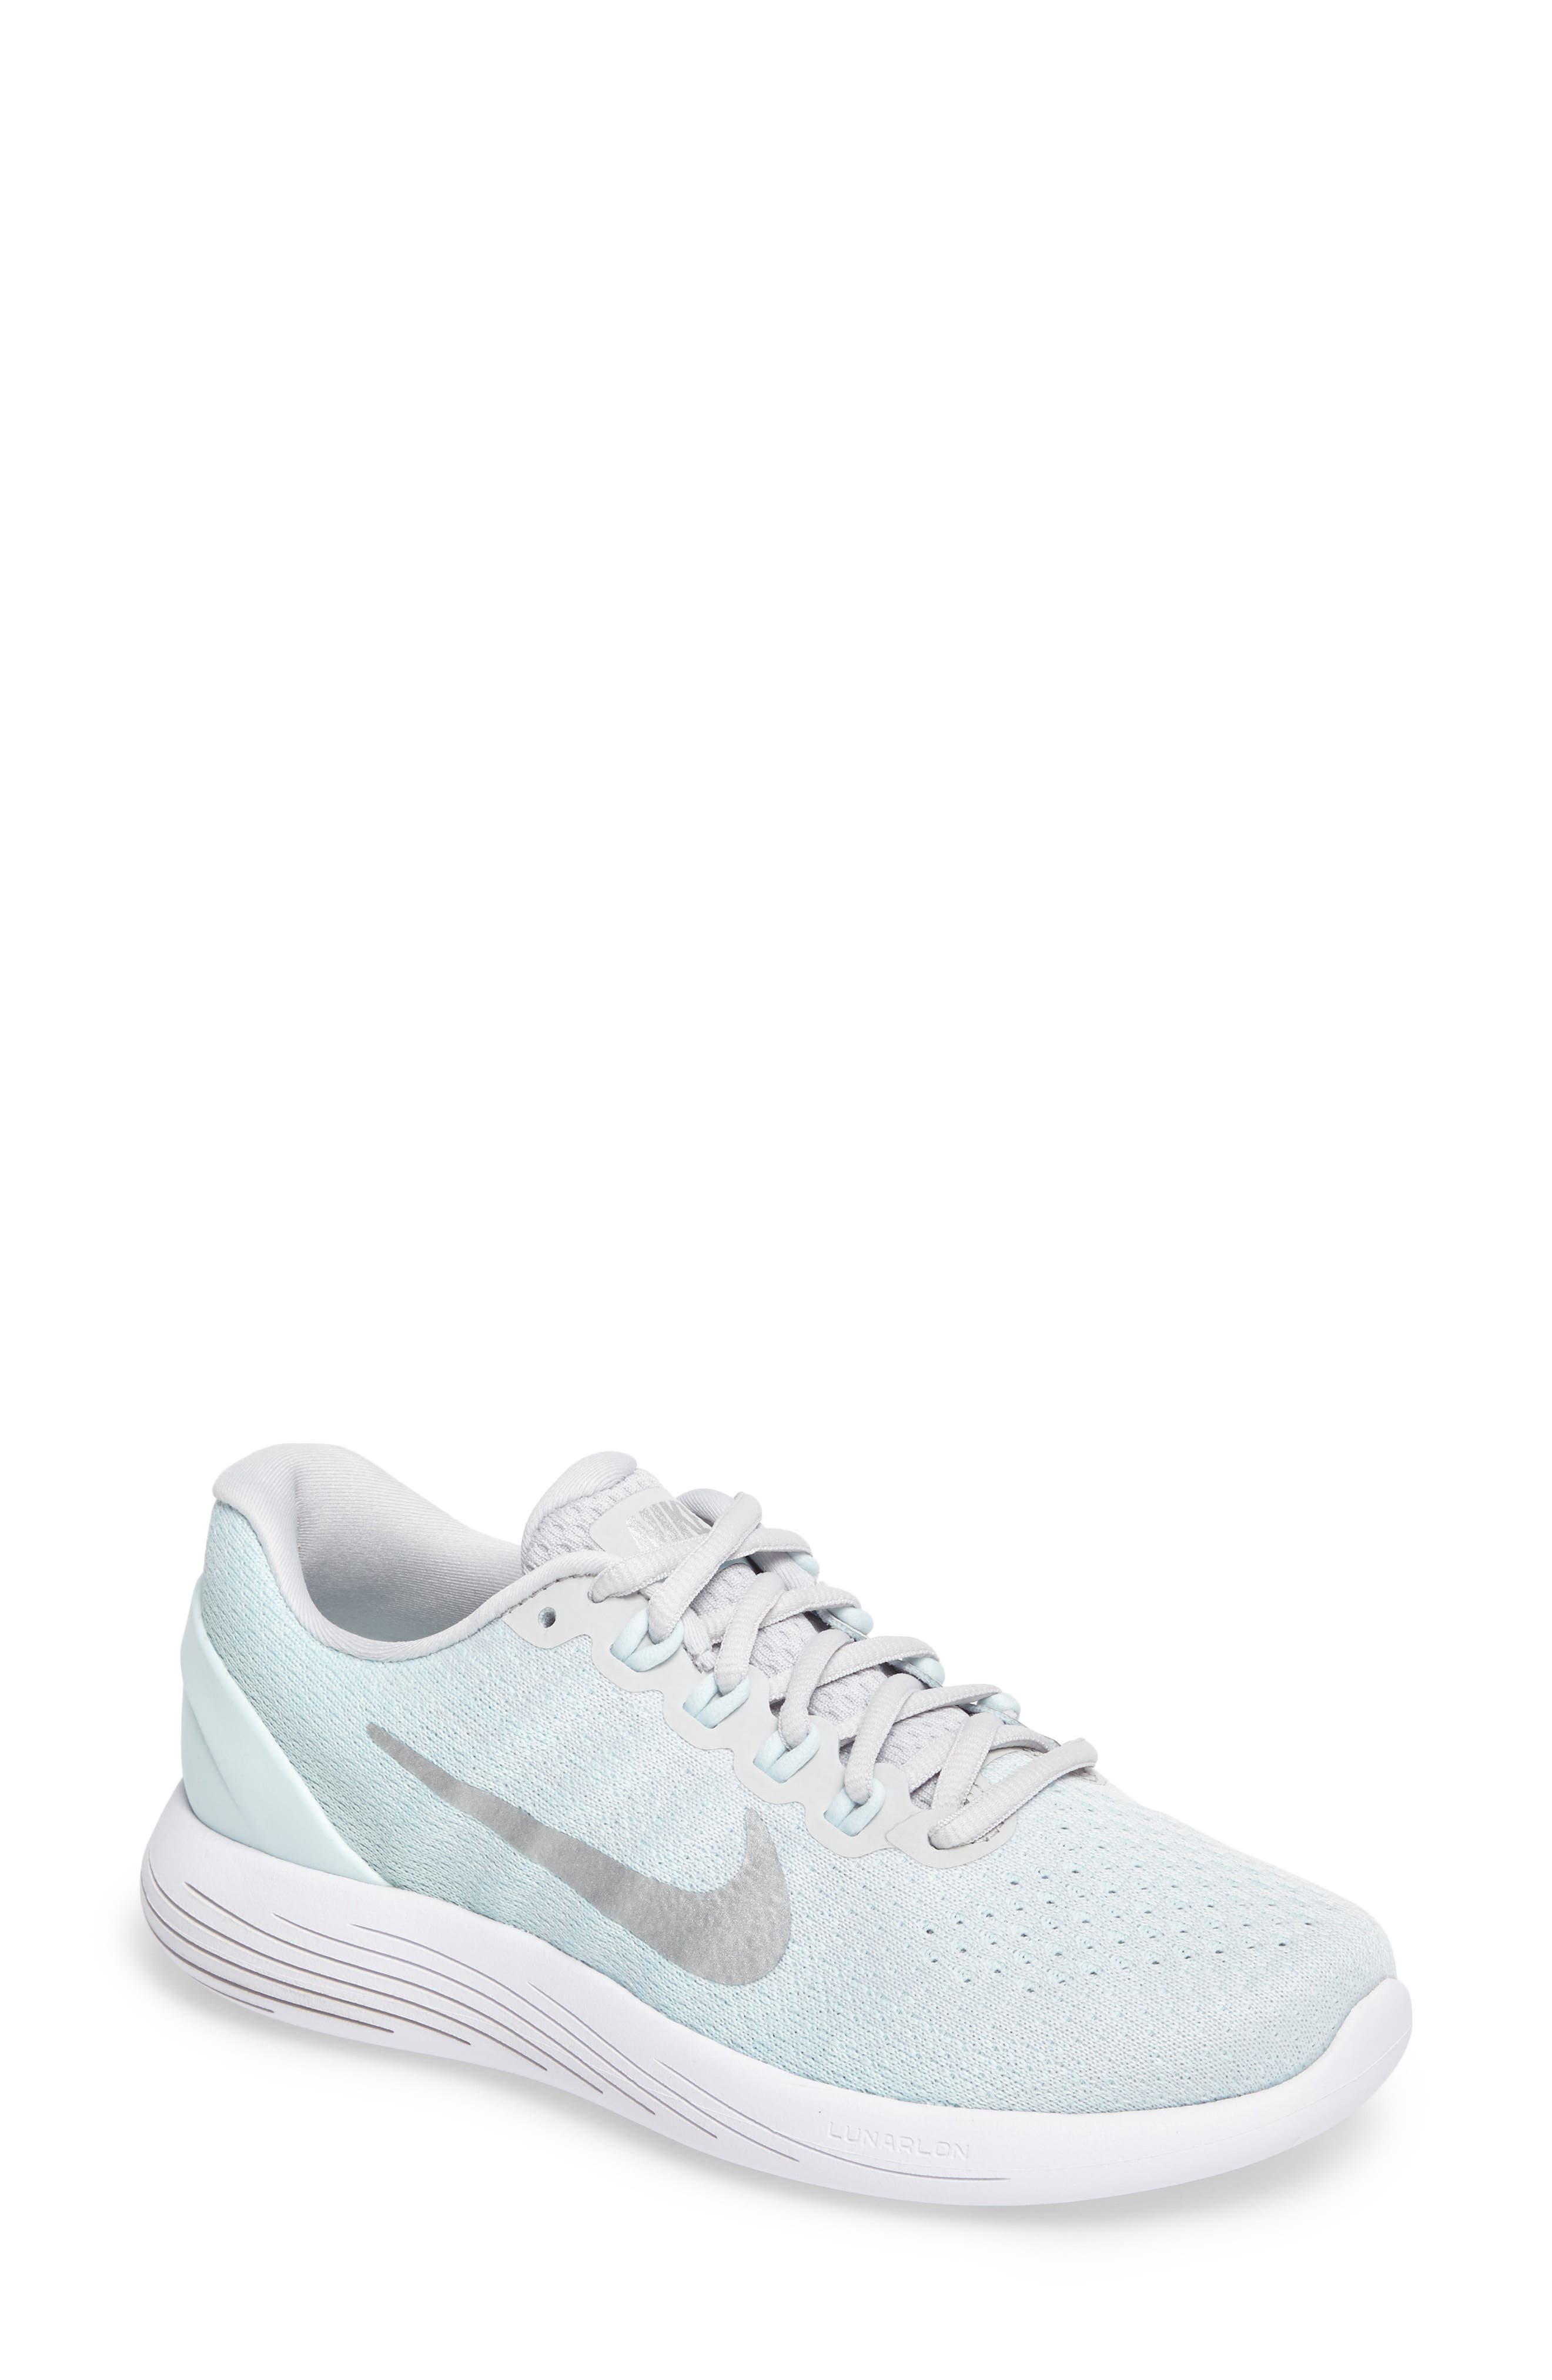 Alternate Image 1 Selected - Nike LunarGlide 9 Running Shoe (Women)